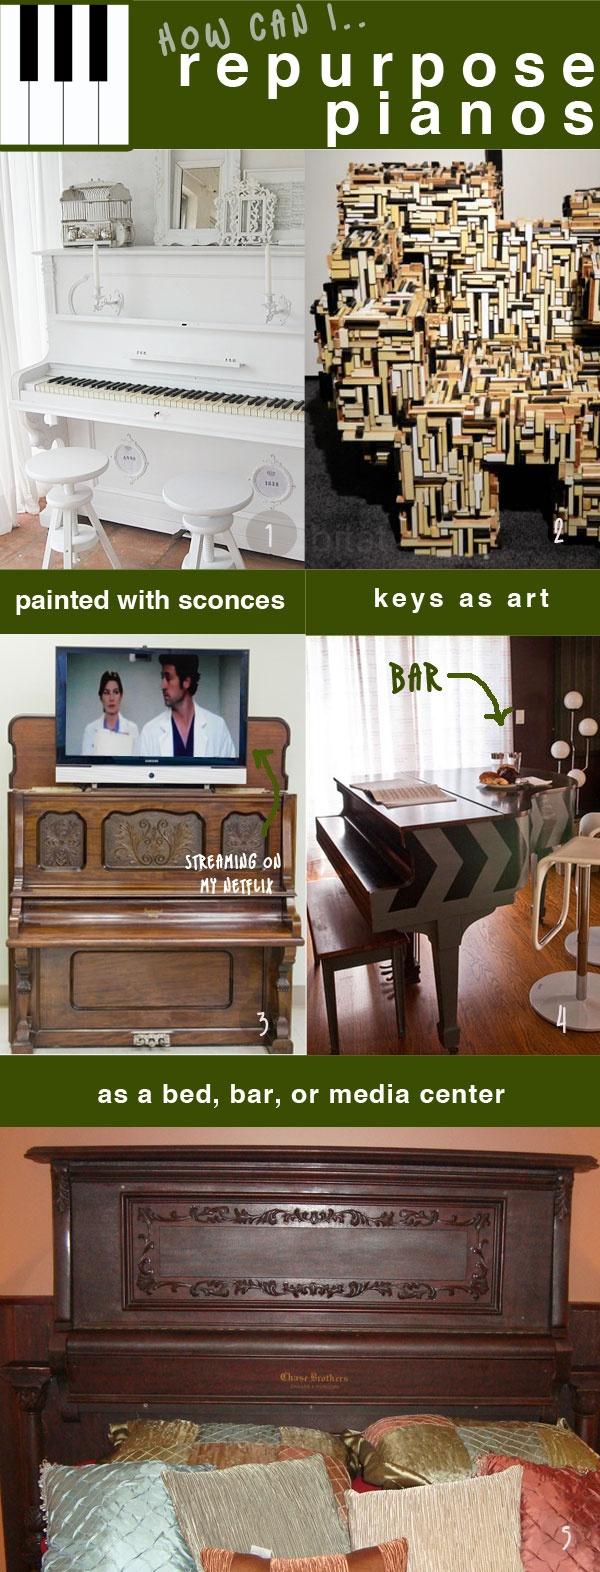 Repurposing 59 Best Repurposed Pianos Images On Pinterest Old Pianos Piano